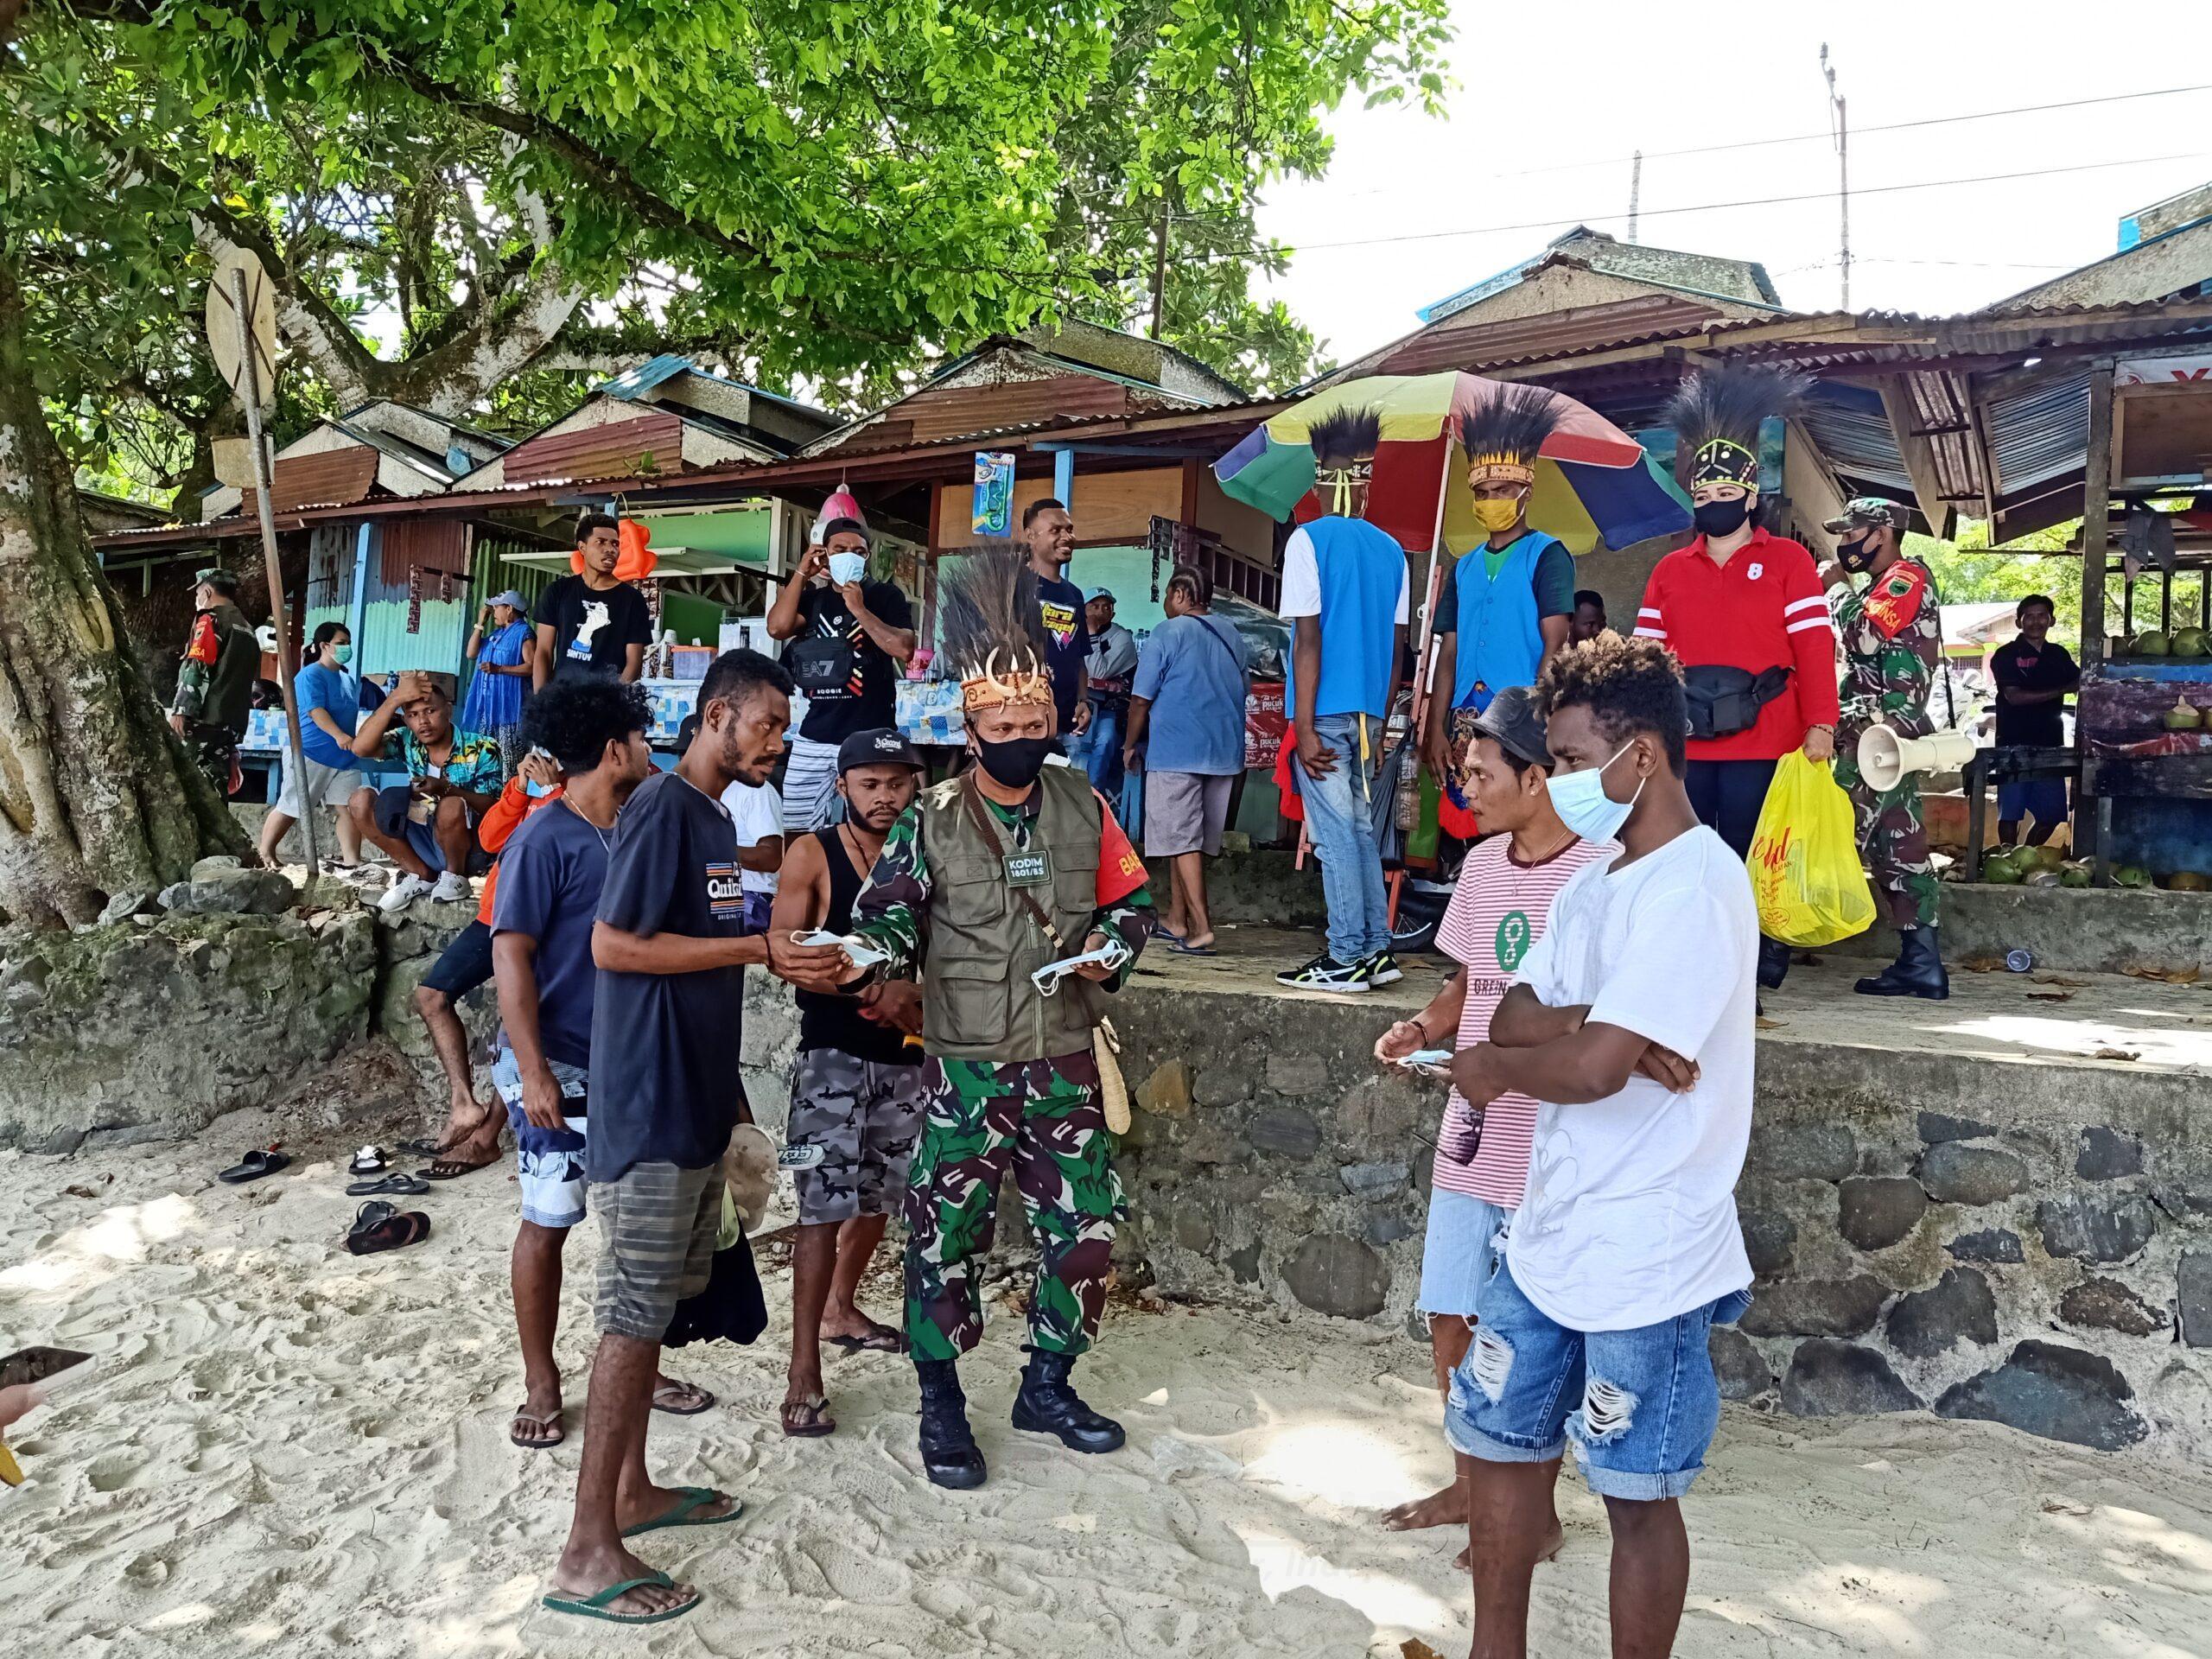 Koramil 1801-01 Manokwari Bersama Pemuda Karang Taruna Kampanye Prokes Covid-19 di Pasir Putih 23 IMG20210314143626 scaled